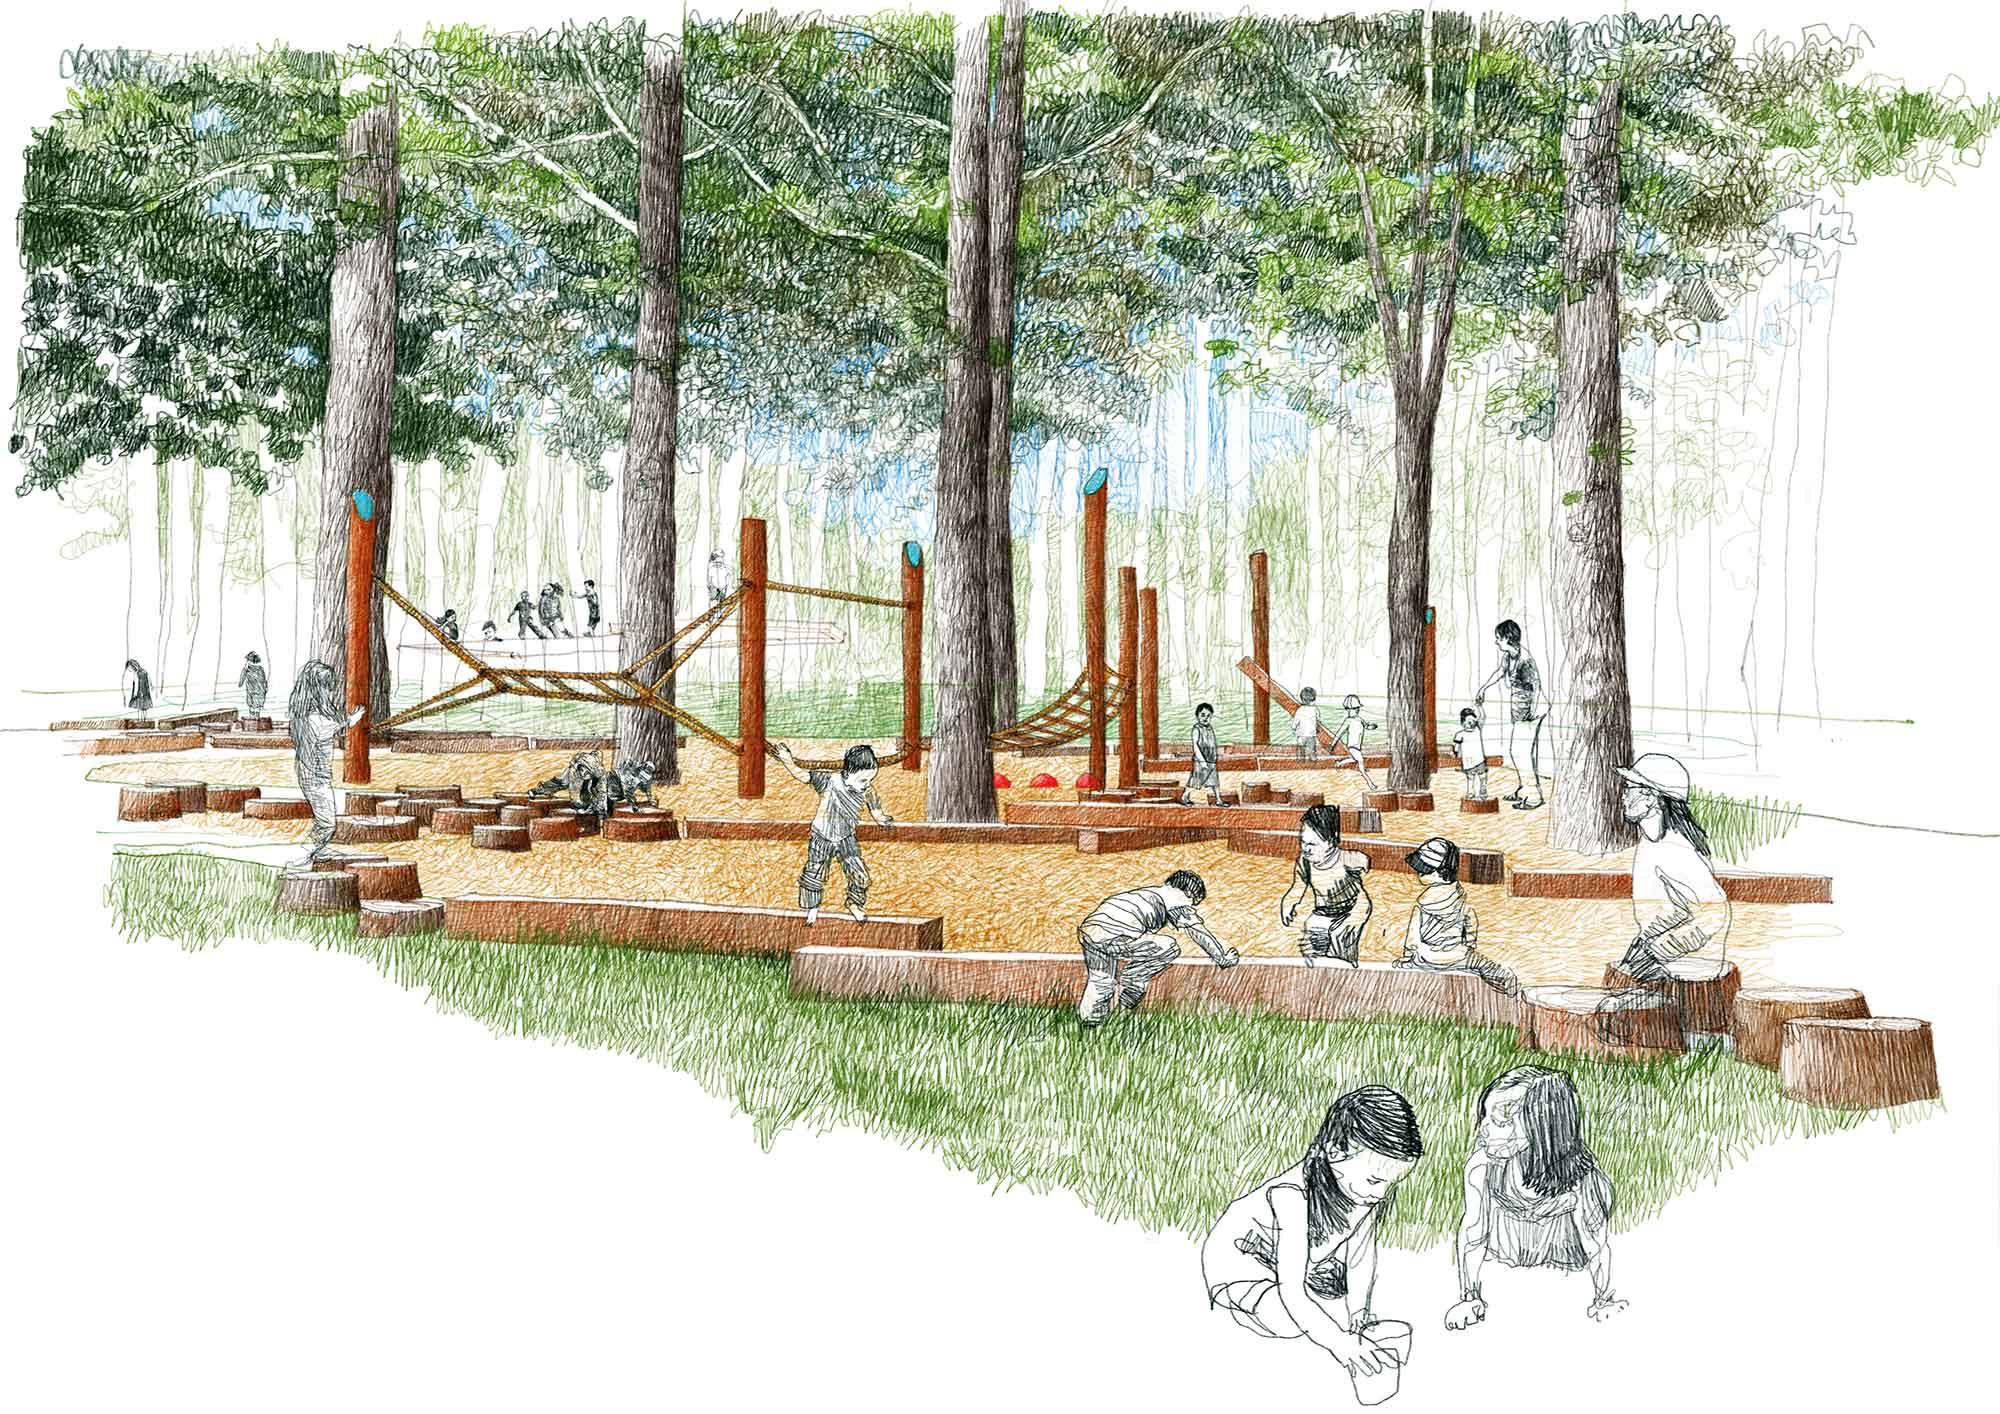 aspect-glebe-park.jpg